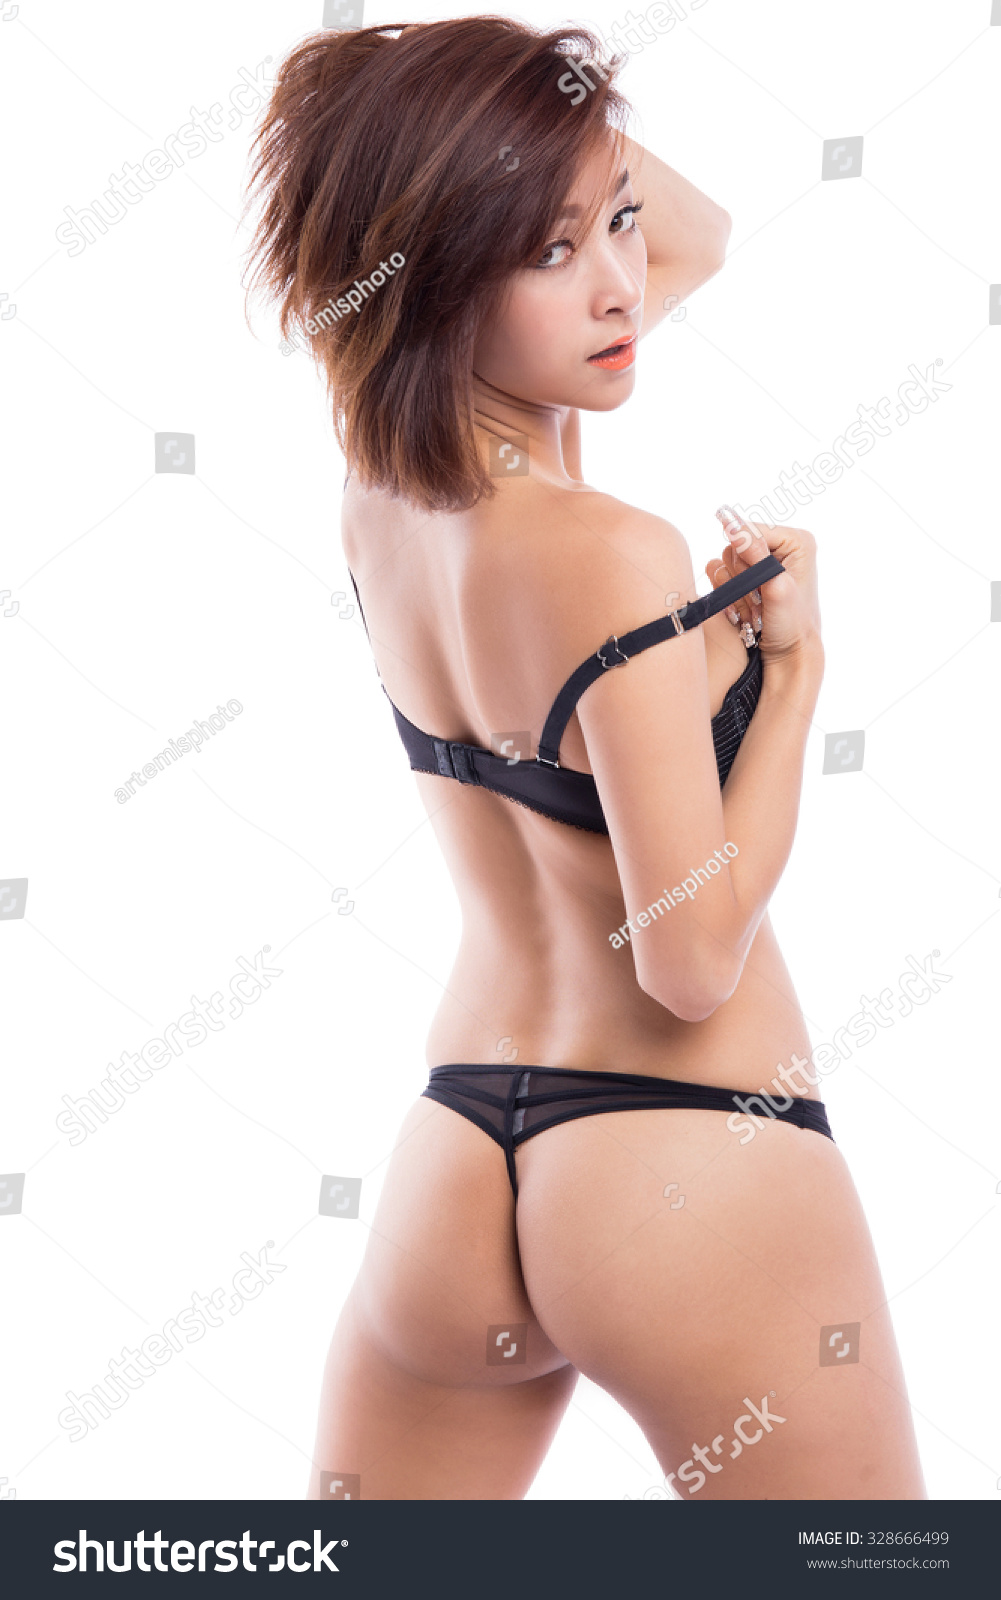 Girls Whering Thong Panties Gif